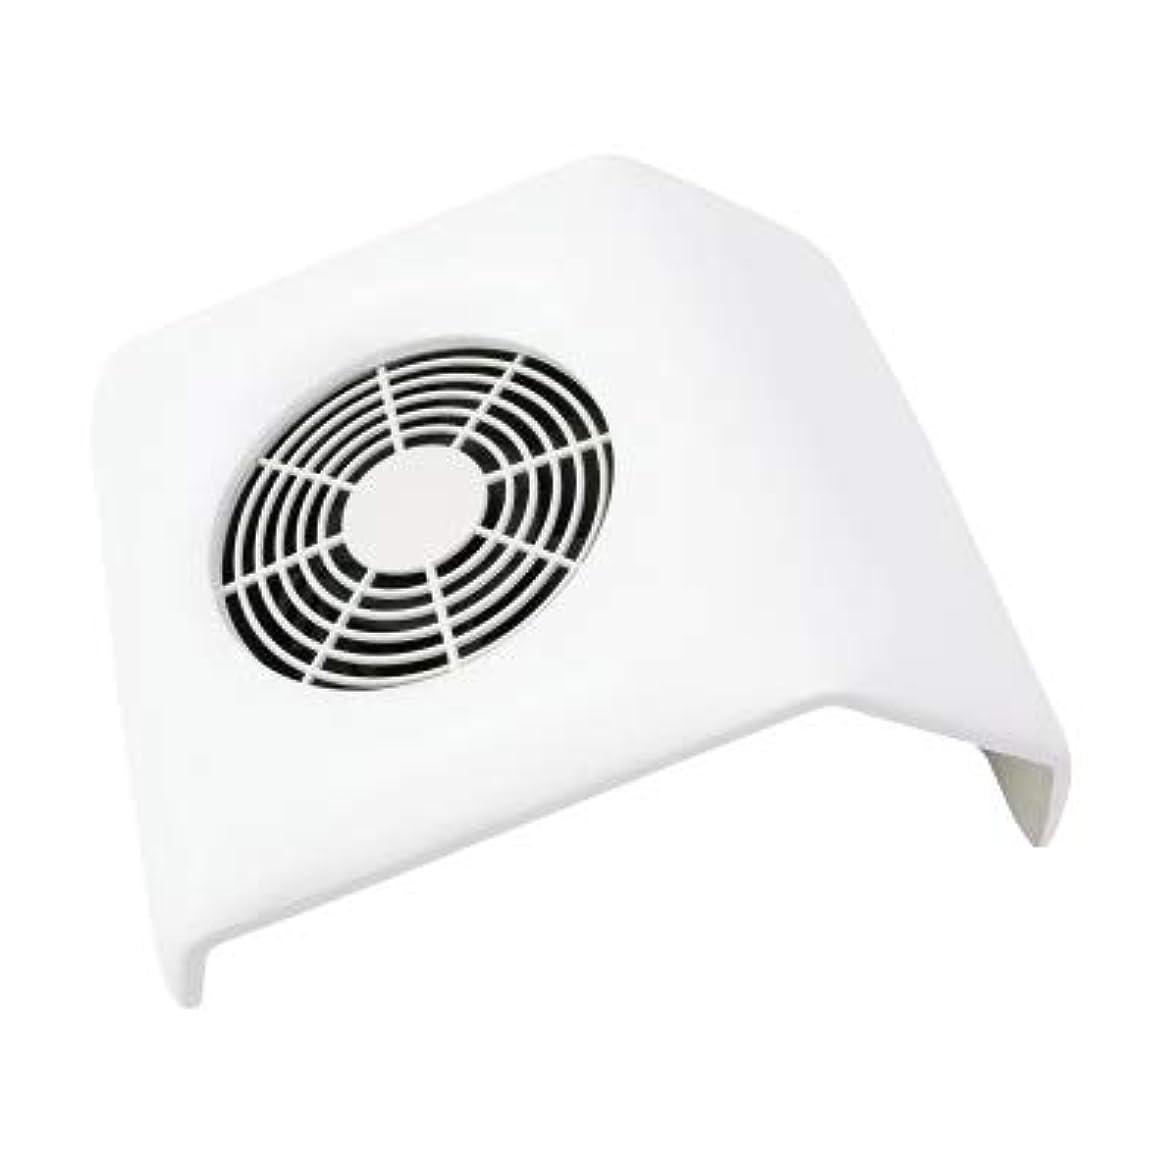 整理する青クロス集塵機 コンパクトタイプ ネイルダストクリーナー Compact Nail Dust Cleaner バッグ付き ネイルオフ ダストコレクター (ホワイト)